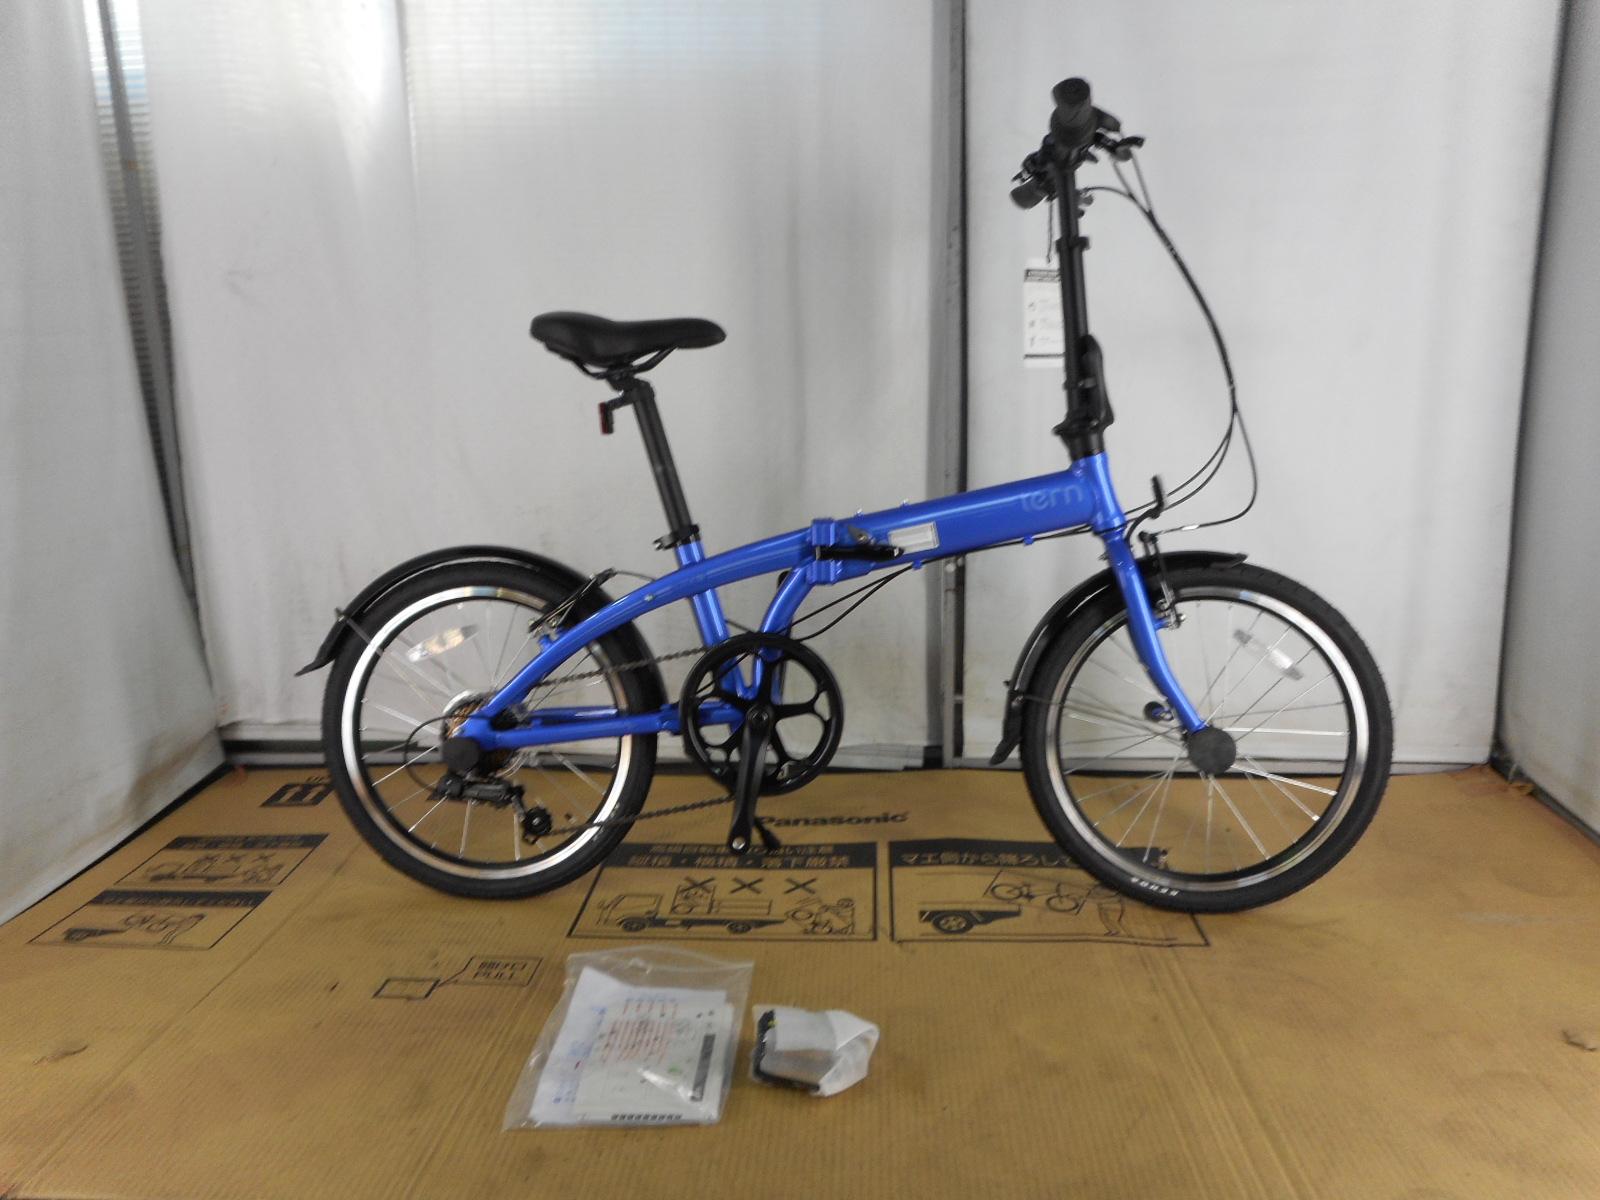 【整備済】【30%OFF】アウトレット2018Tern(ターン)LINK A7(リンクA7) Blue/Blue 折りたたみ自転車 在庫限り